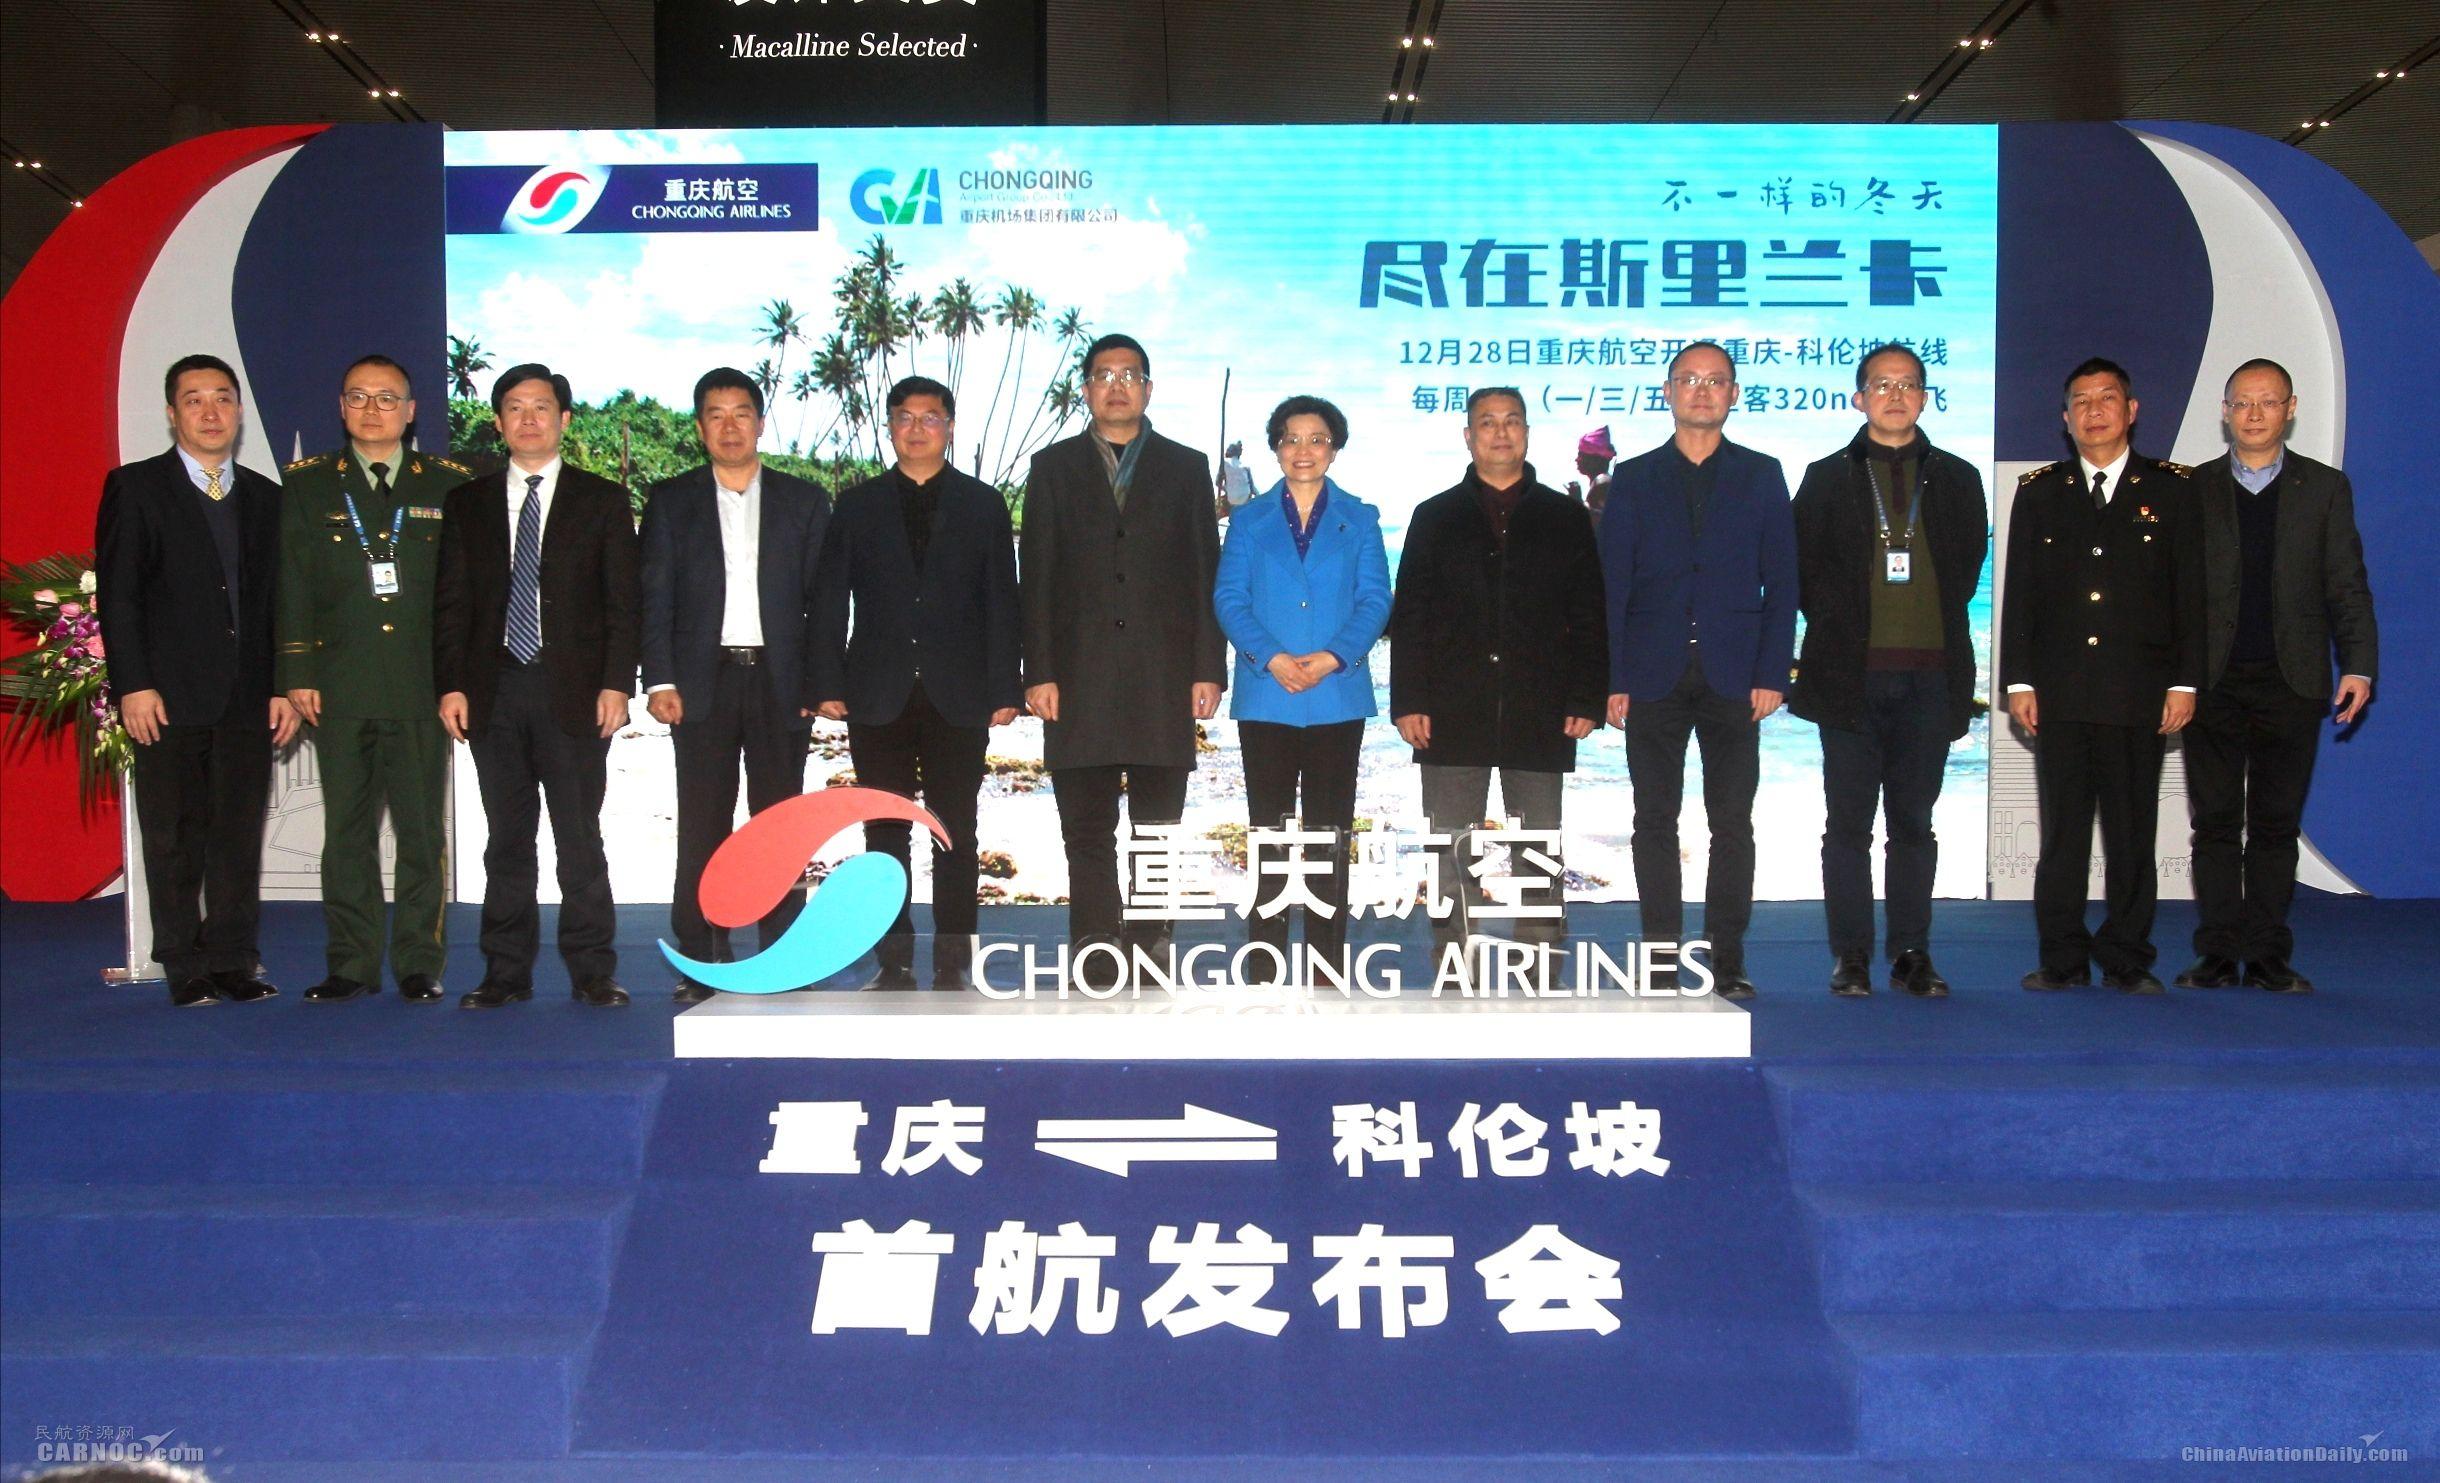 重庆航空开通重庆直飞科伦坡航线